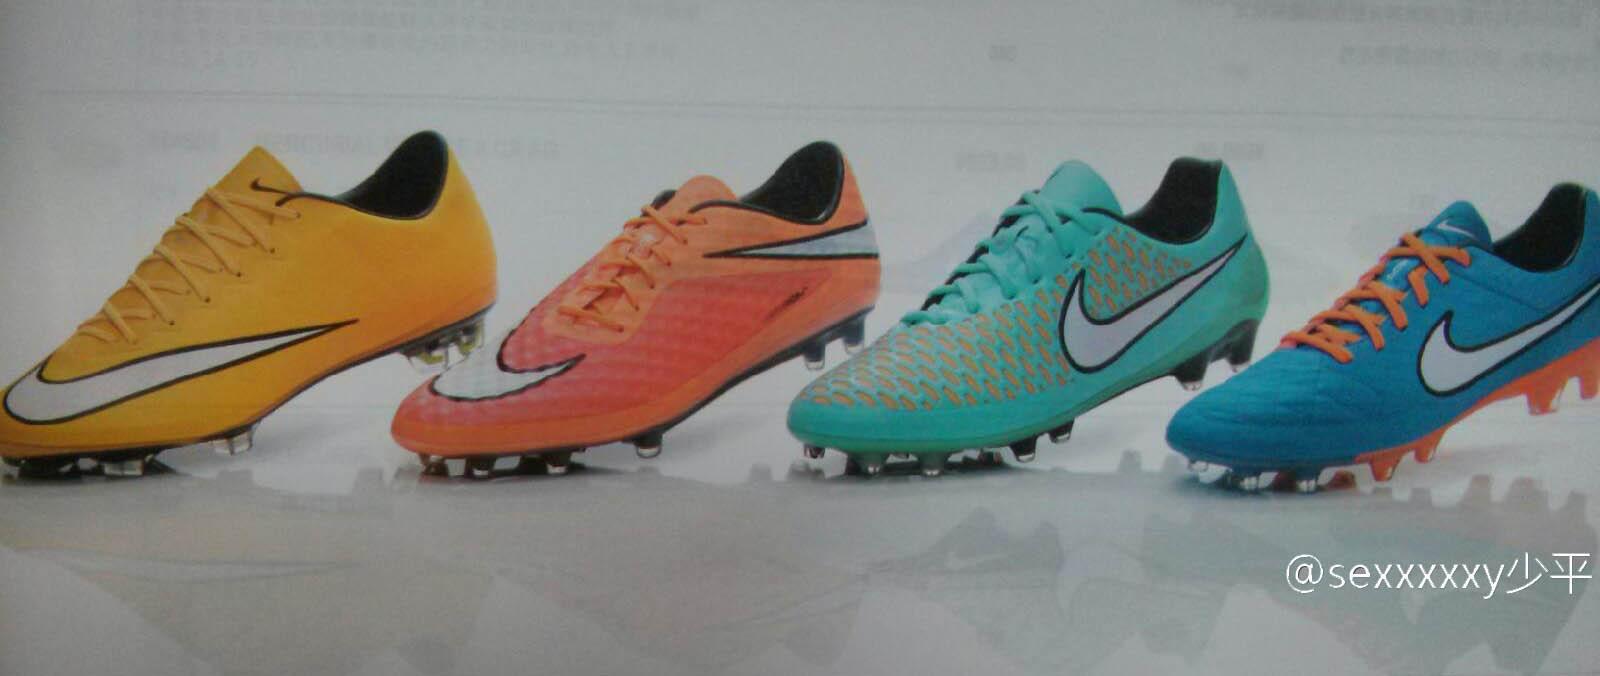 new nike football shoes 2014 wwwimgkidcom the image